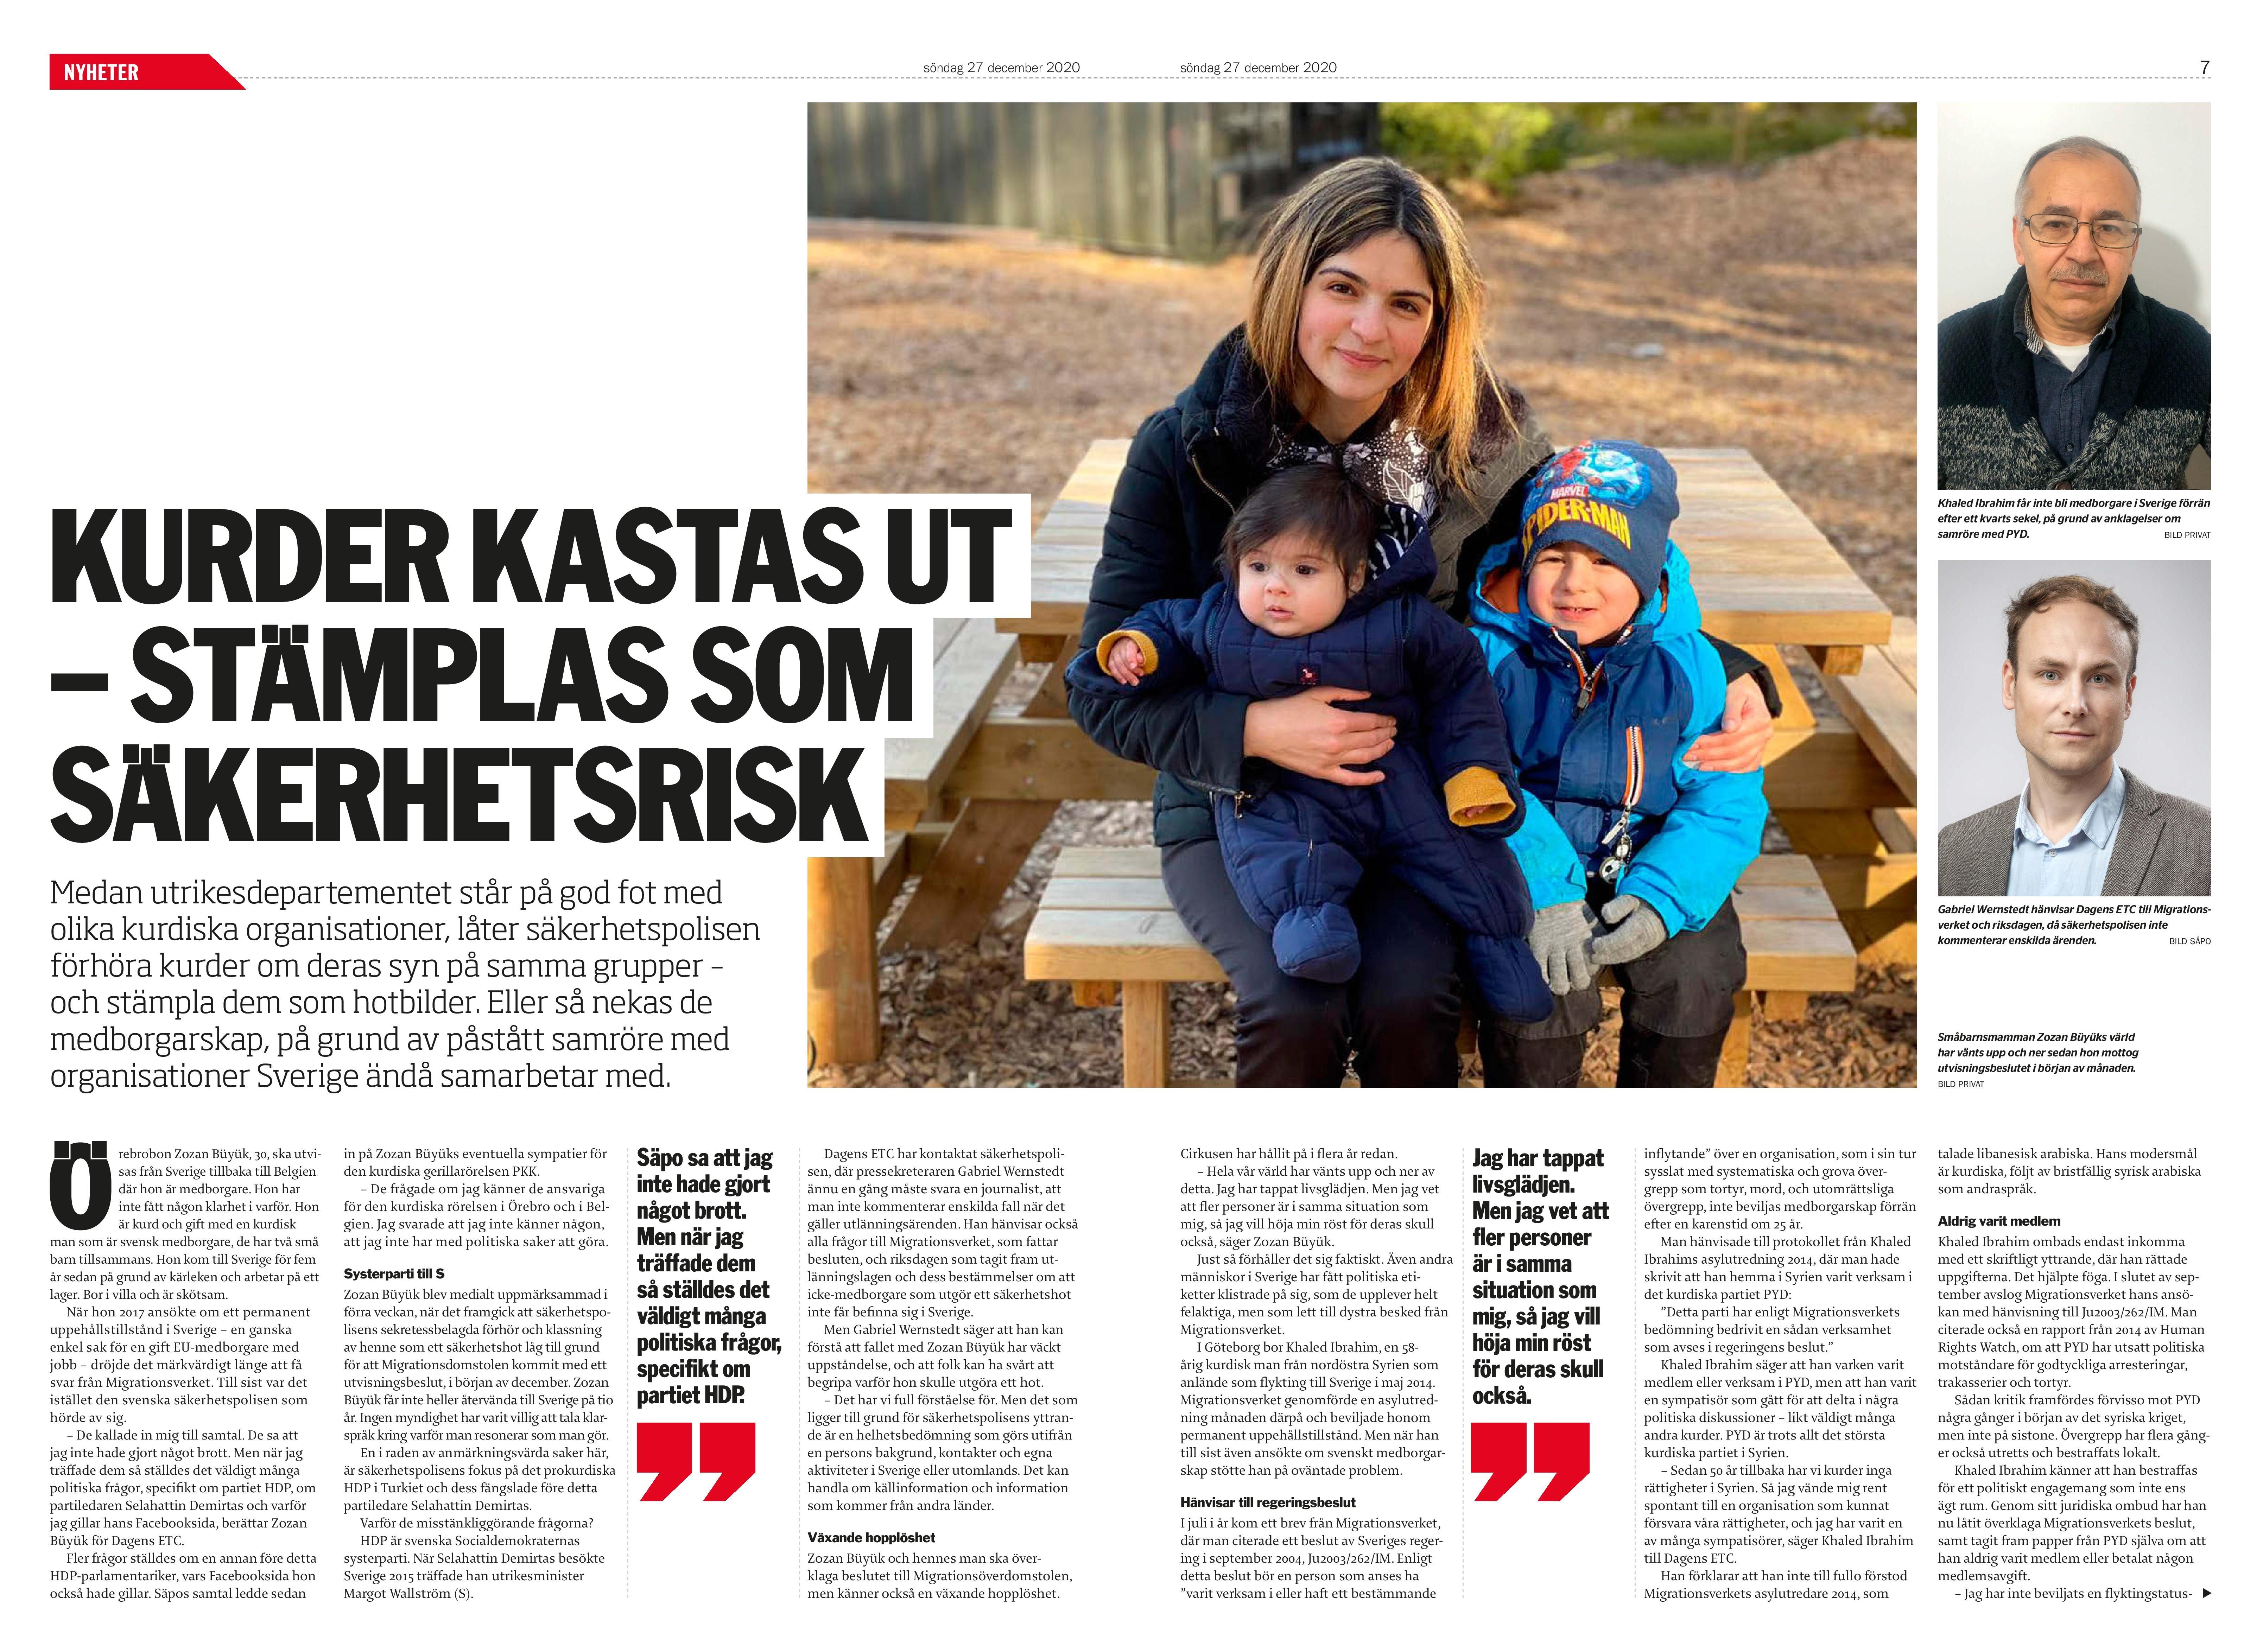 Kurder kastas ut, Dagens ETC 2020-12-27